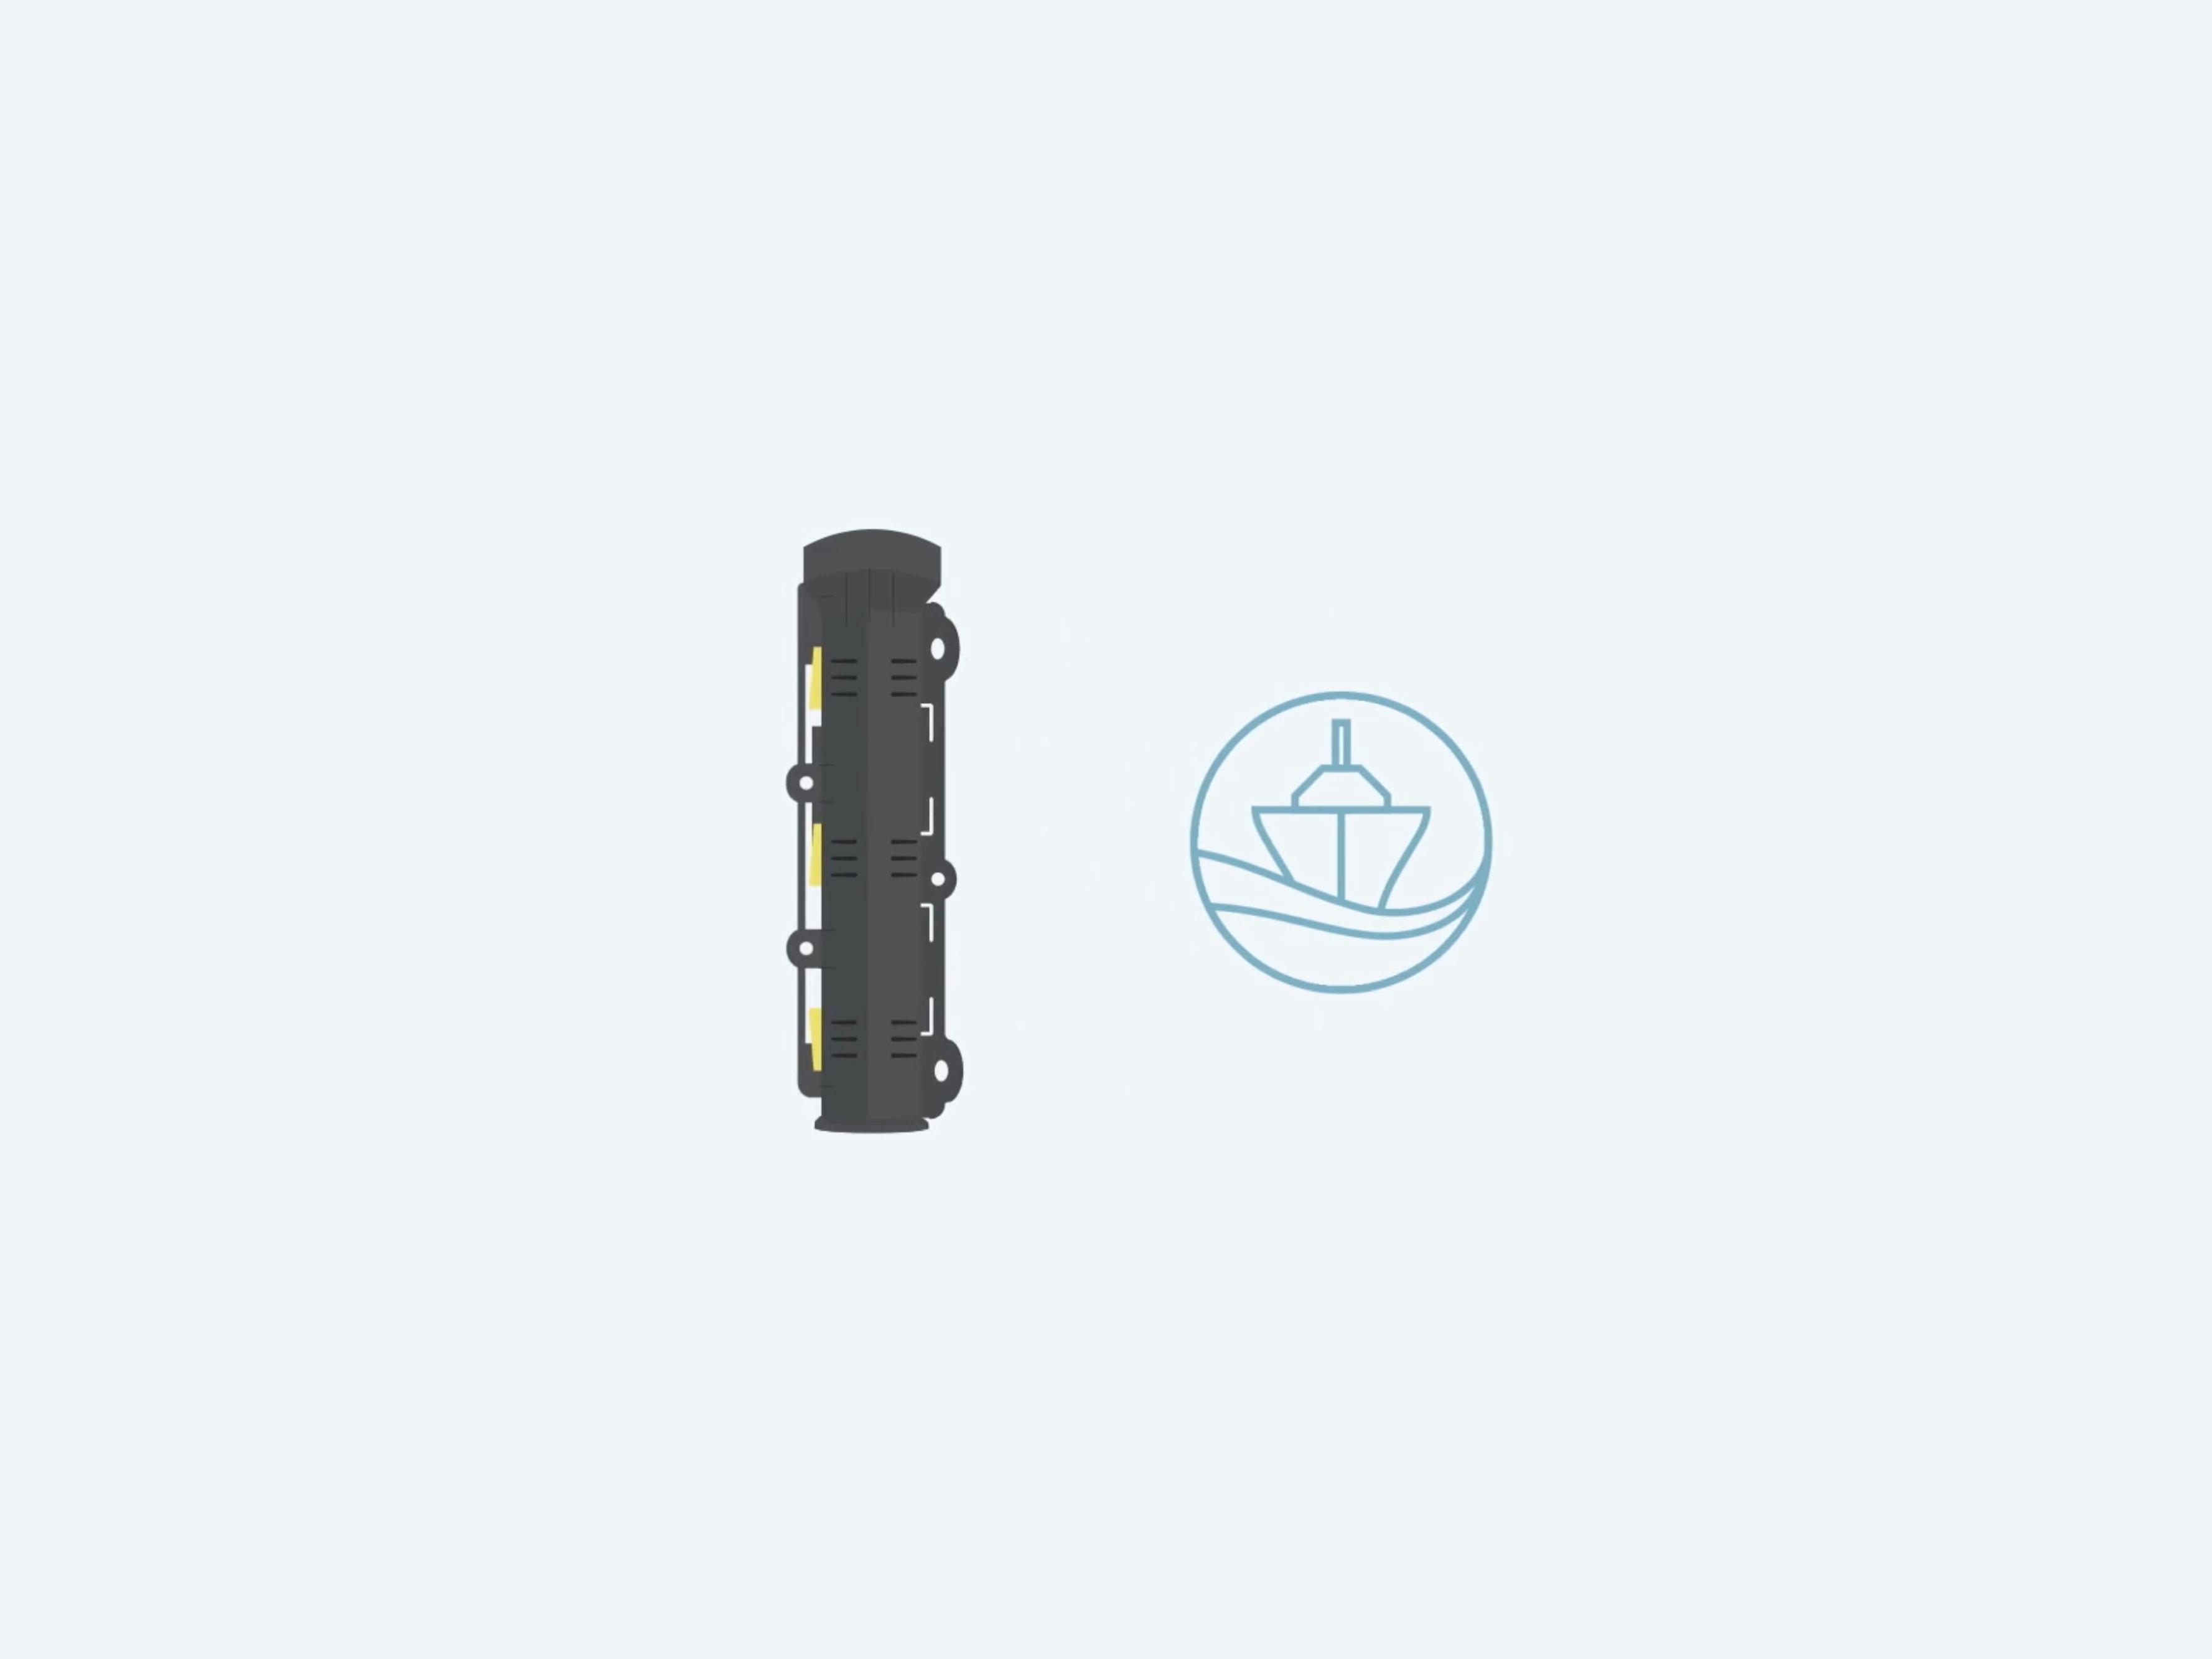 Storisell kan stolt leverera en animerad video till Greenpipe och deras kabelskyddsrör Snapp Panzar. Snapp Panzar är ett delbart kabelskyddsrör specialanpassat för havs- och sjökabelförläggning. Produkten Snapp Panzar är företagets vidareutveckling av deras populära kabelskyddsrör Snipp & Snapp. Den har en robust konstruktion som ger ett unikt kabelskydd i havs- och sjömiljö och inbyggt kylsystem som möjliggör minskade överföringsförluster vid hög belastning. Bra för att tex skydda det interna nätet i havsbaserade vindkraftsparker. I denna produktion var fokus på att leverera en film som kan användas i Greenpipes återförsäljningskanaler. Det är därför viktigt att filmen underlättar för återförsäljare att presentera produkten egenskaper på ett enkelt sätt. Videon är framtagen från kundens grafisk profil tillsammans med handritade illustrationer. Detta är den andra filmen i en rad filmer producerade för Greenpipe som har ett brett utbud av produkter som ligger i framkant inom sin bransch. Kunden har varit till stor hjälp med tydlig feedback i alla delar av produktionen. Filmen är framtagen mot flera internationella målgrupper där Storisell har levererat översättningar i följande språk: Engelska, Svenska, Tyska och Franska. Översättningar som är bra för att vara relevant på flera olika marknader med ett gemensamt budskap. https://storisell.se/portfolio/greenpipe-snapp-panzar/